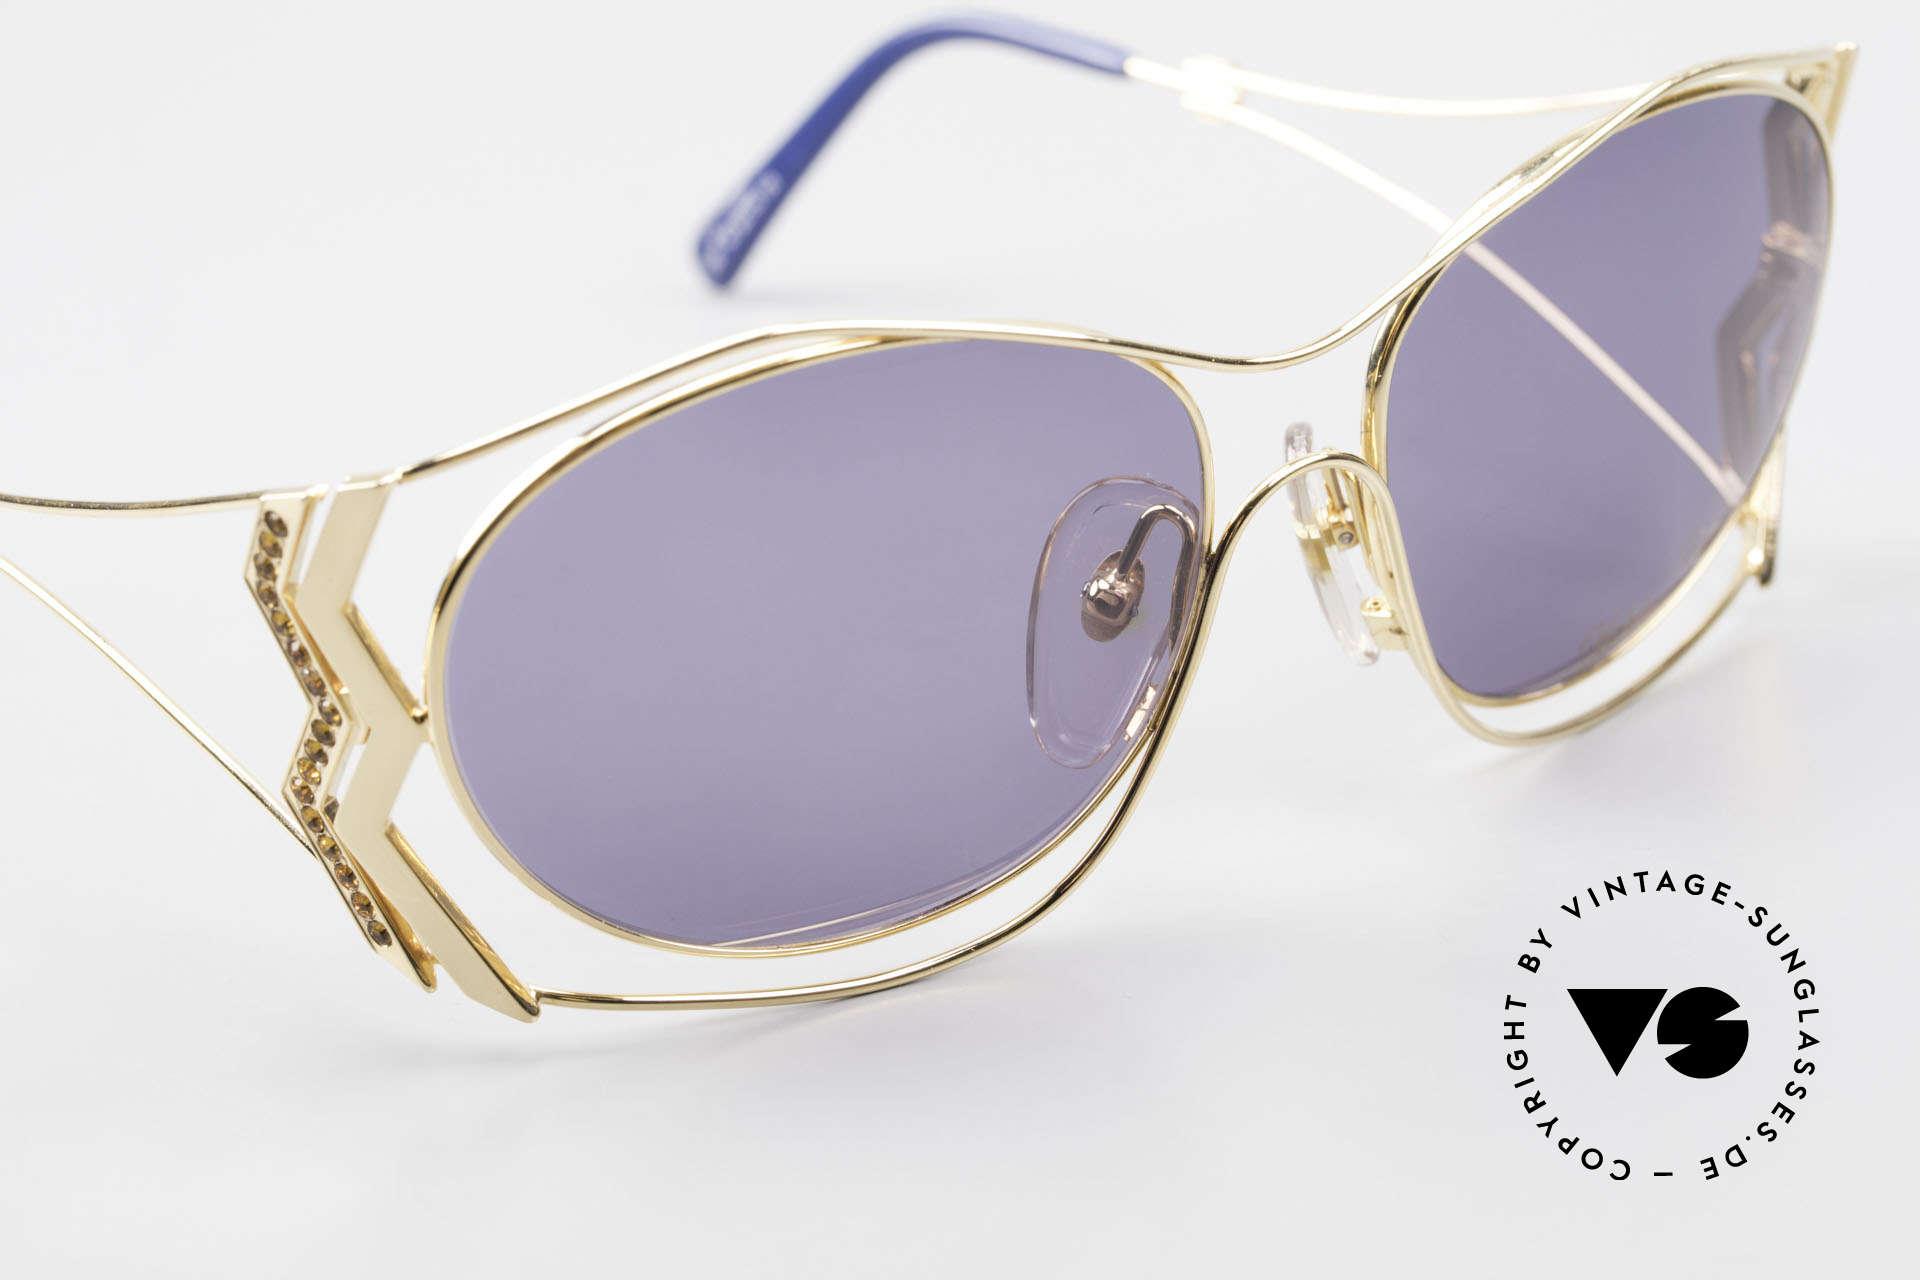 Paloma Picasso 3707 90er Sonnenbrille Vergoldet, KEINE retro Sonnenbrille; ein vintage 90er Original, Passend für Damen